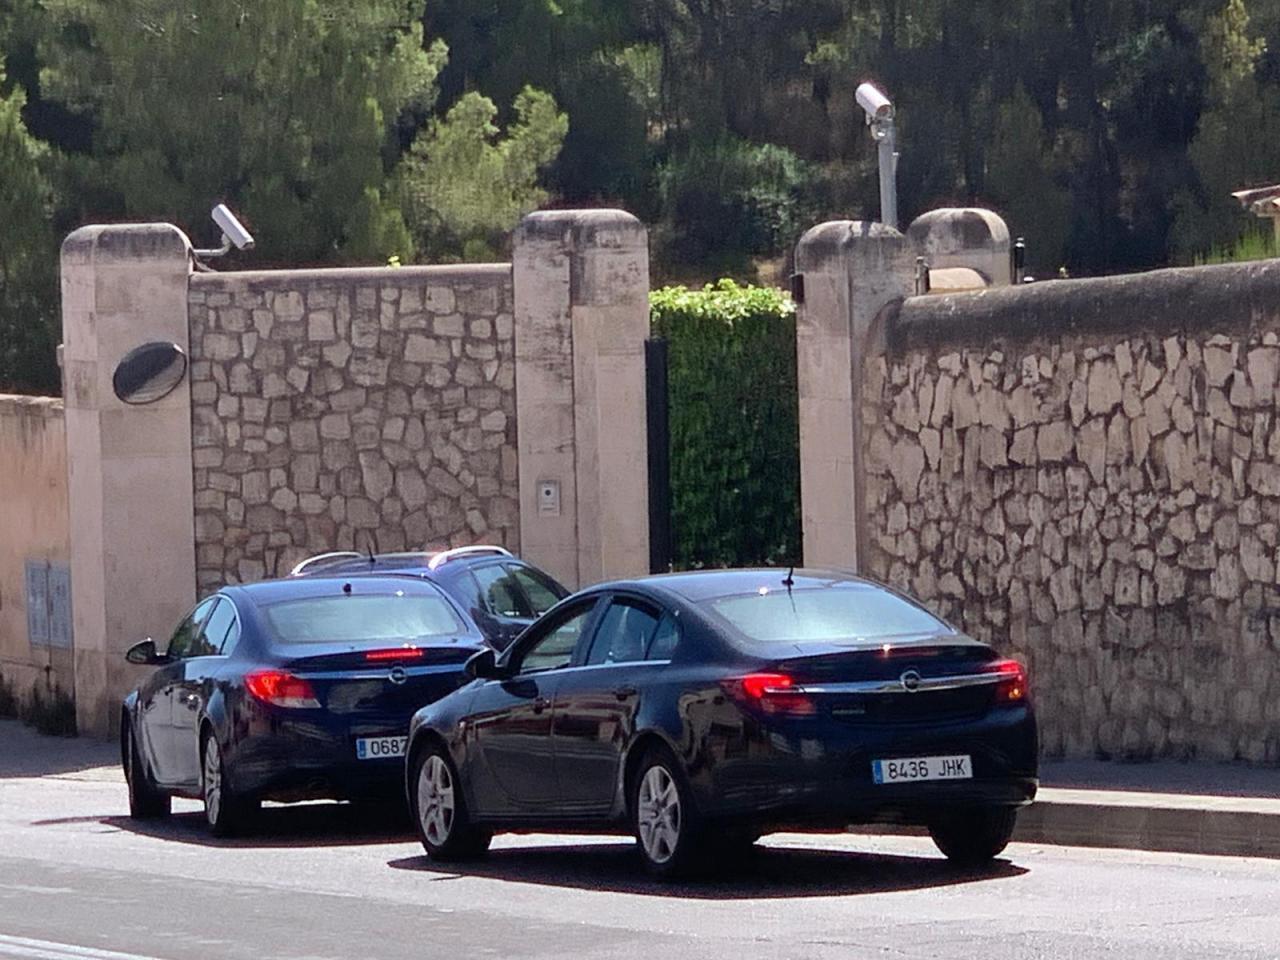 Royal cars arrive at Marivent Palace, Palma.